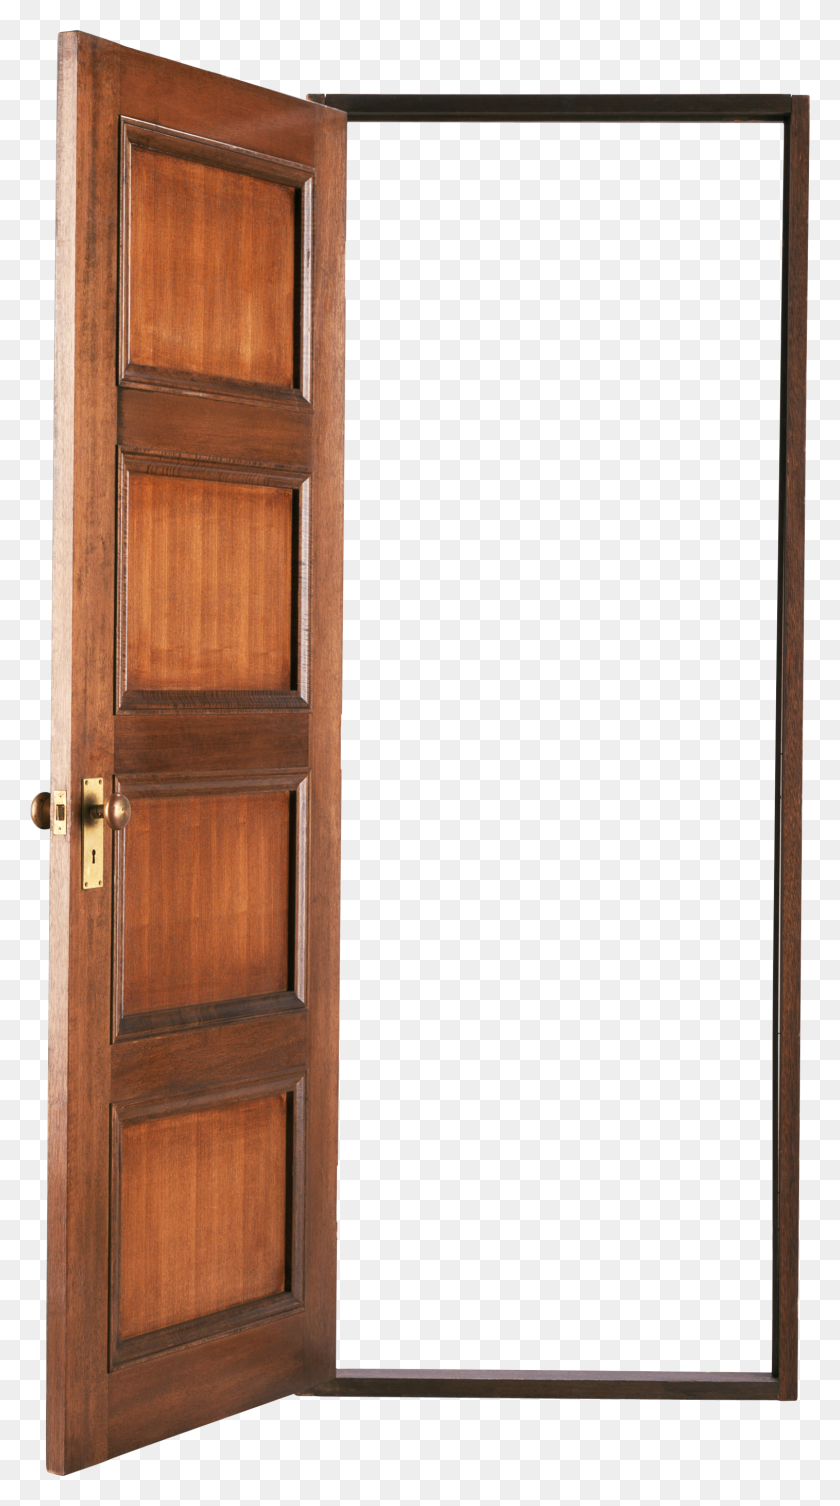 Door Png Images, Wood Door Png, Open Door Png - Wood Background PNG